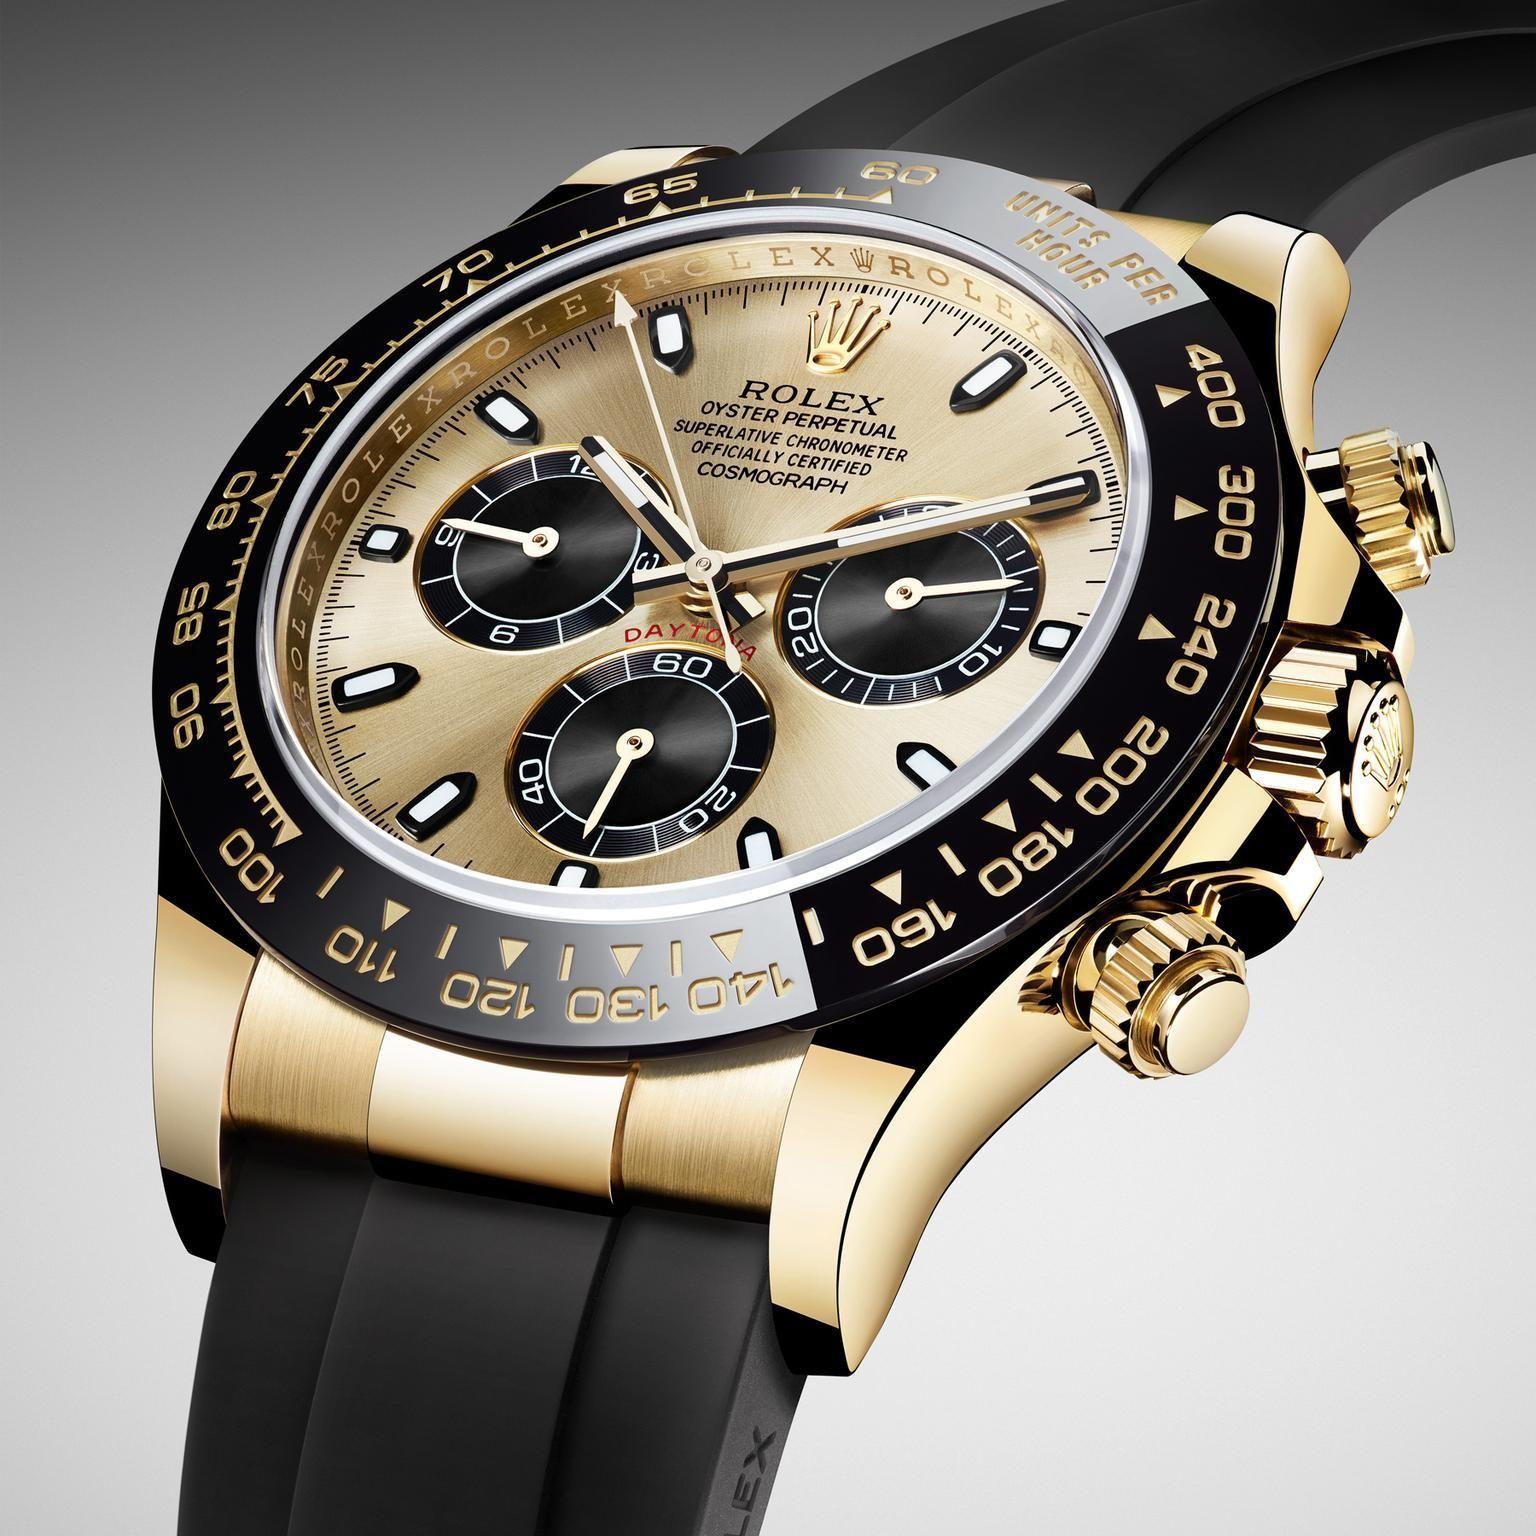 Rolex watches ln stankof daytona white gold oysterflex